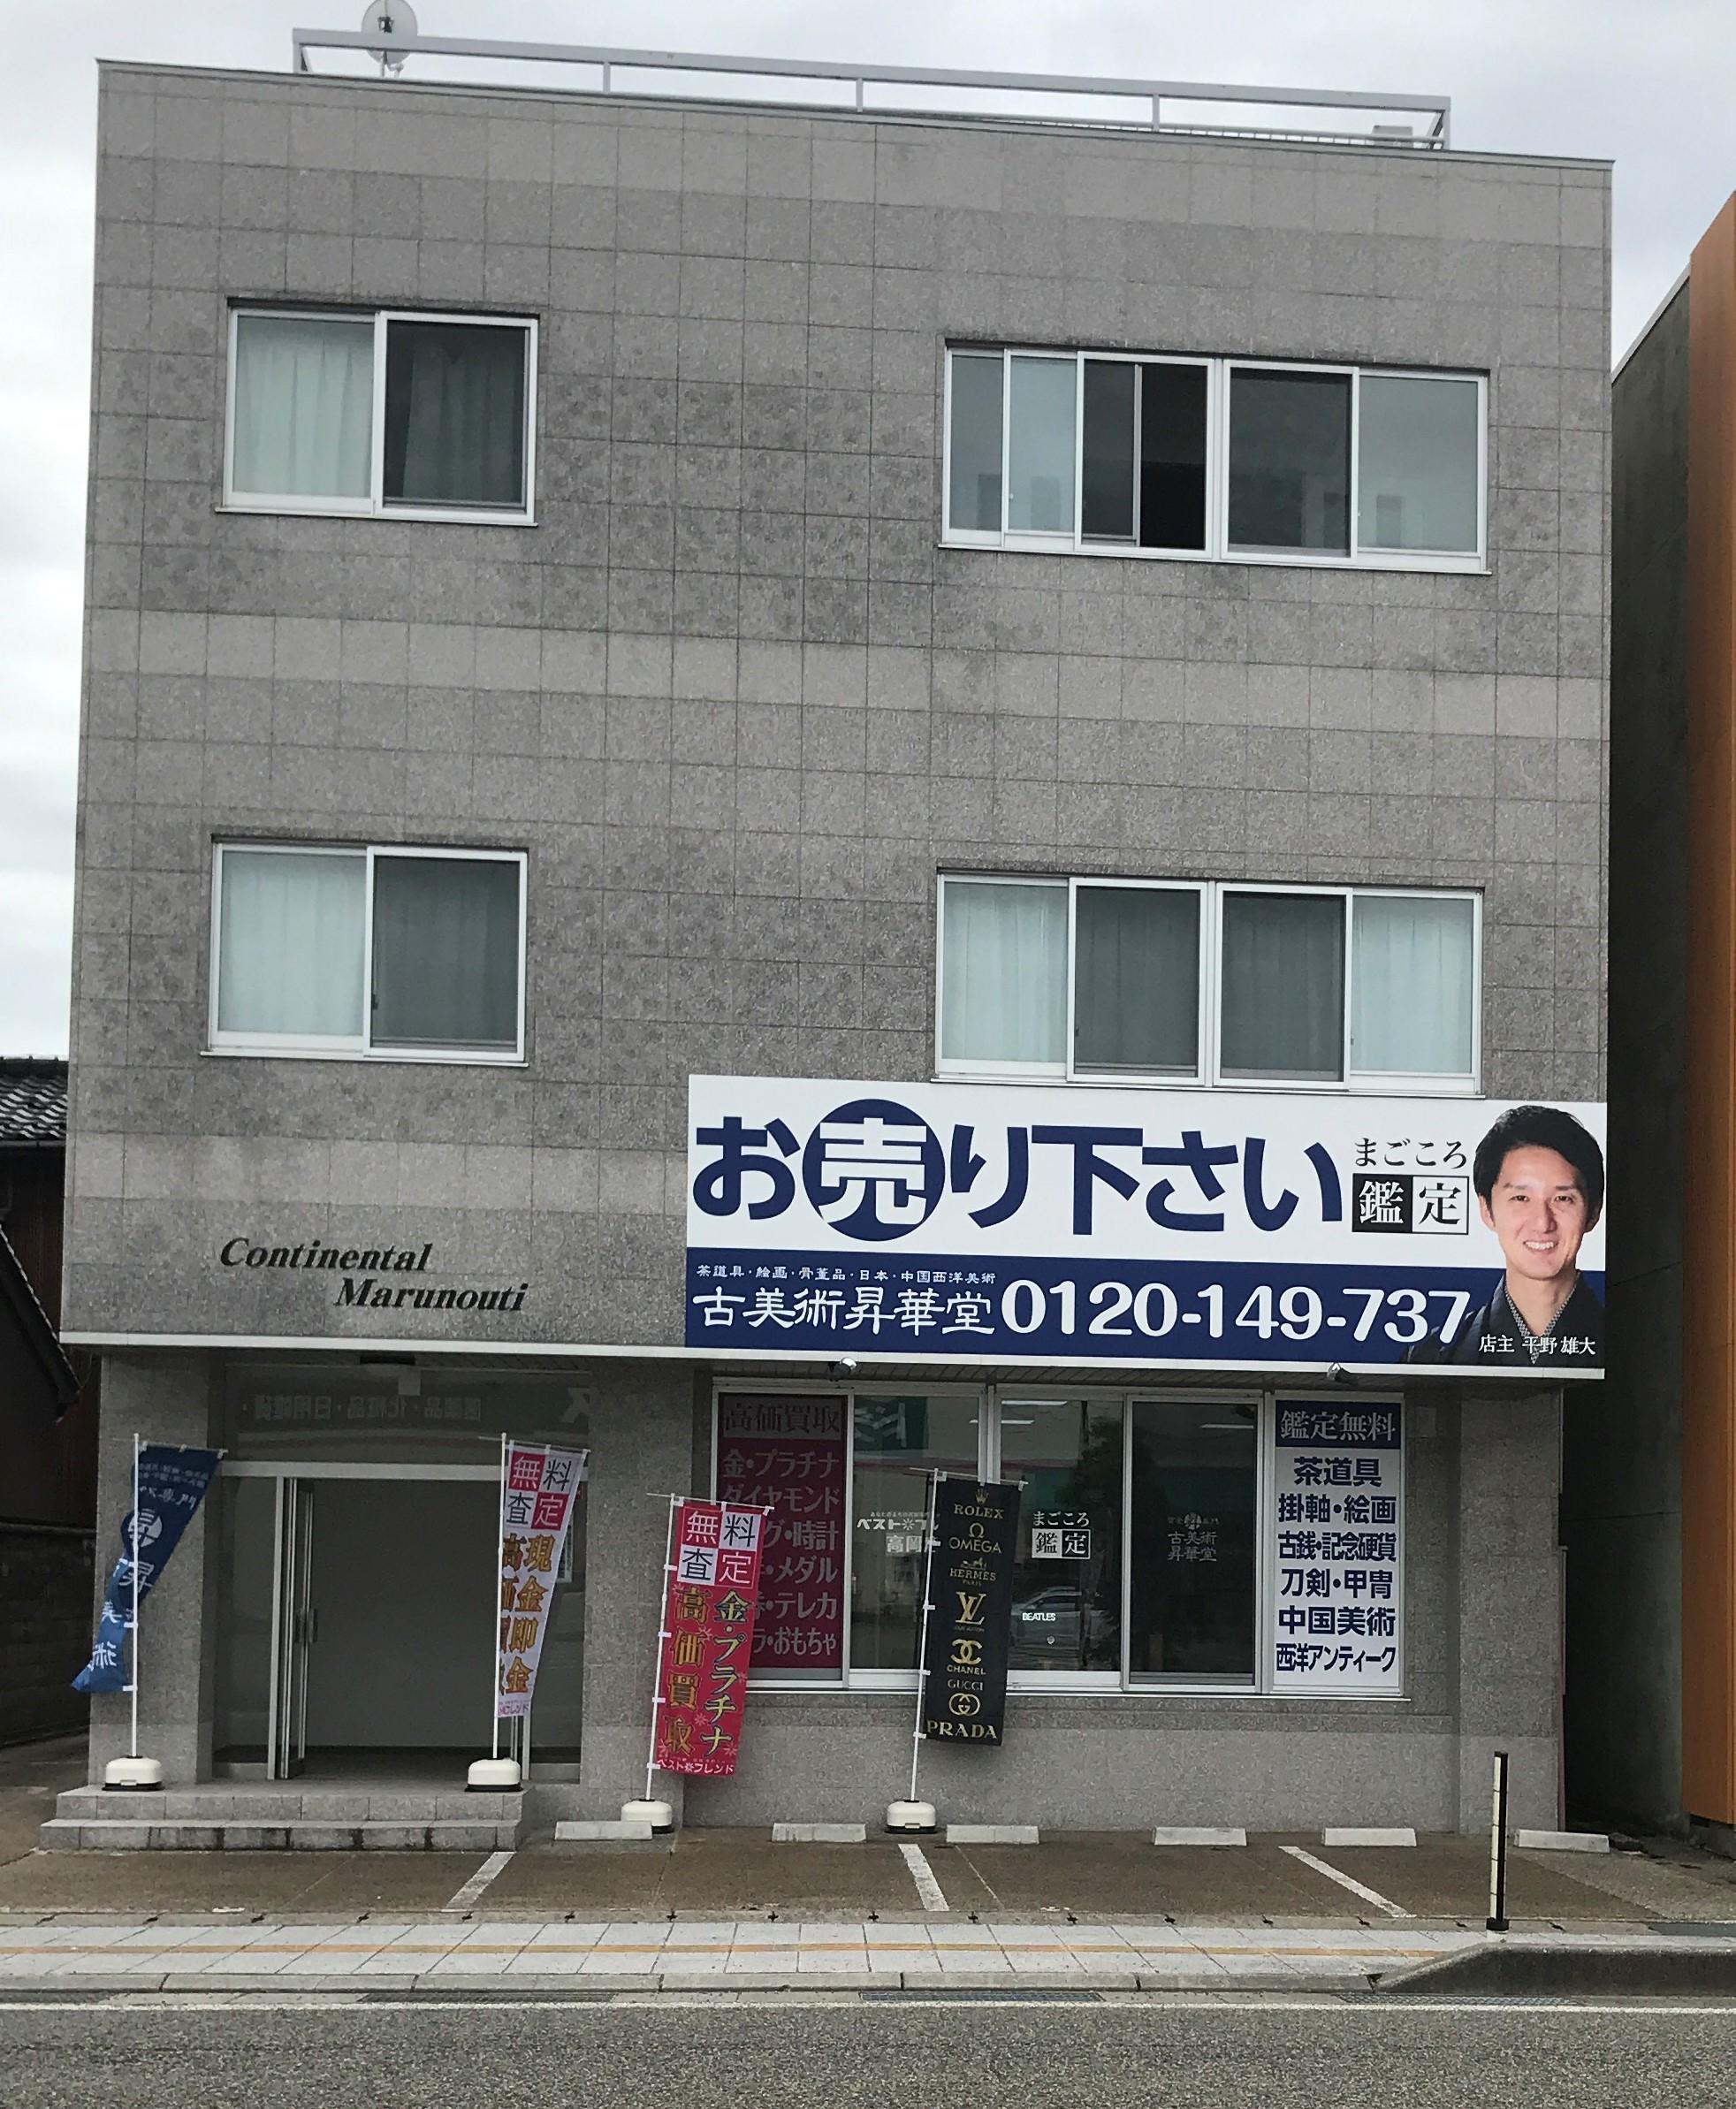 ベストフレンド高岡店店舗写真1